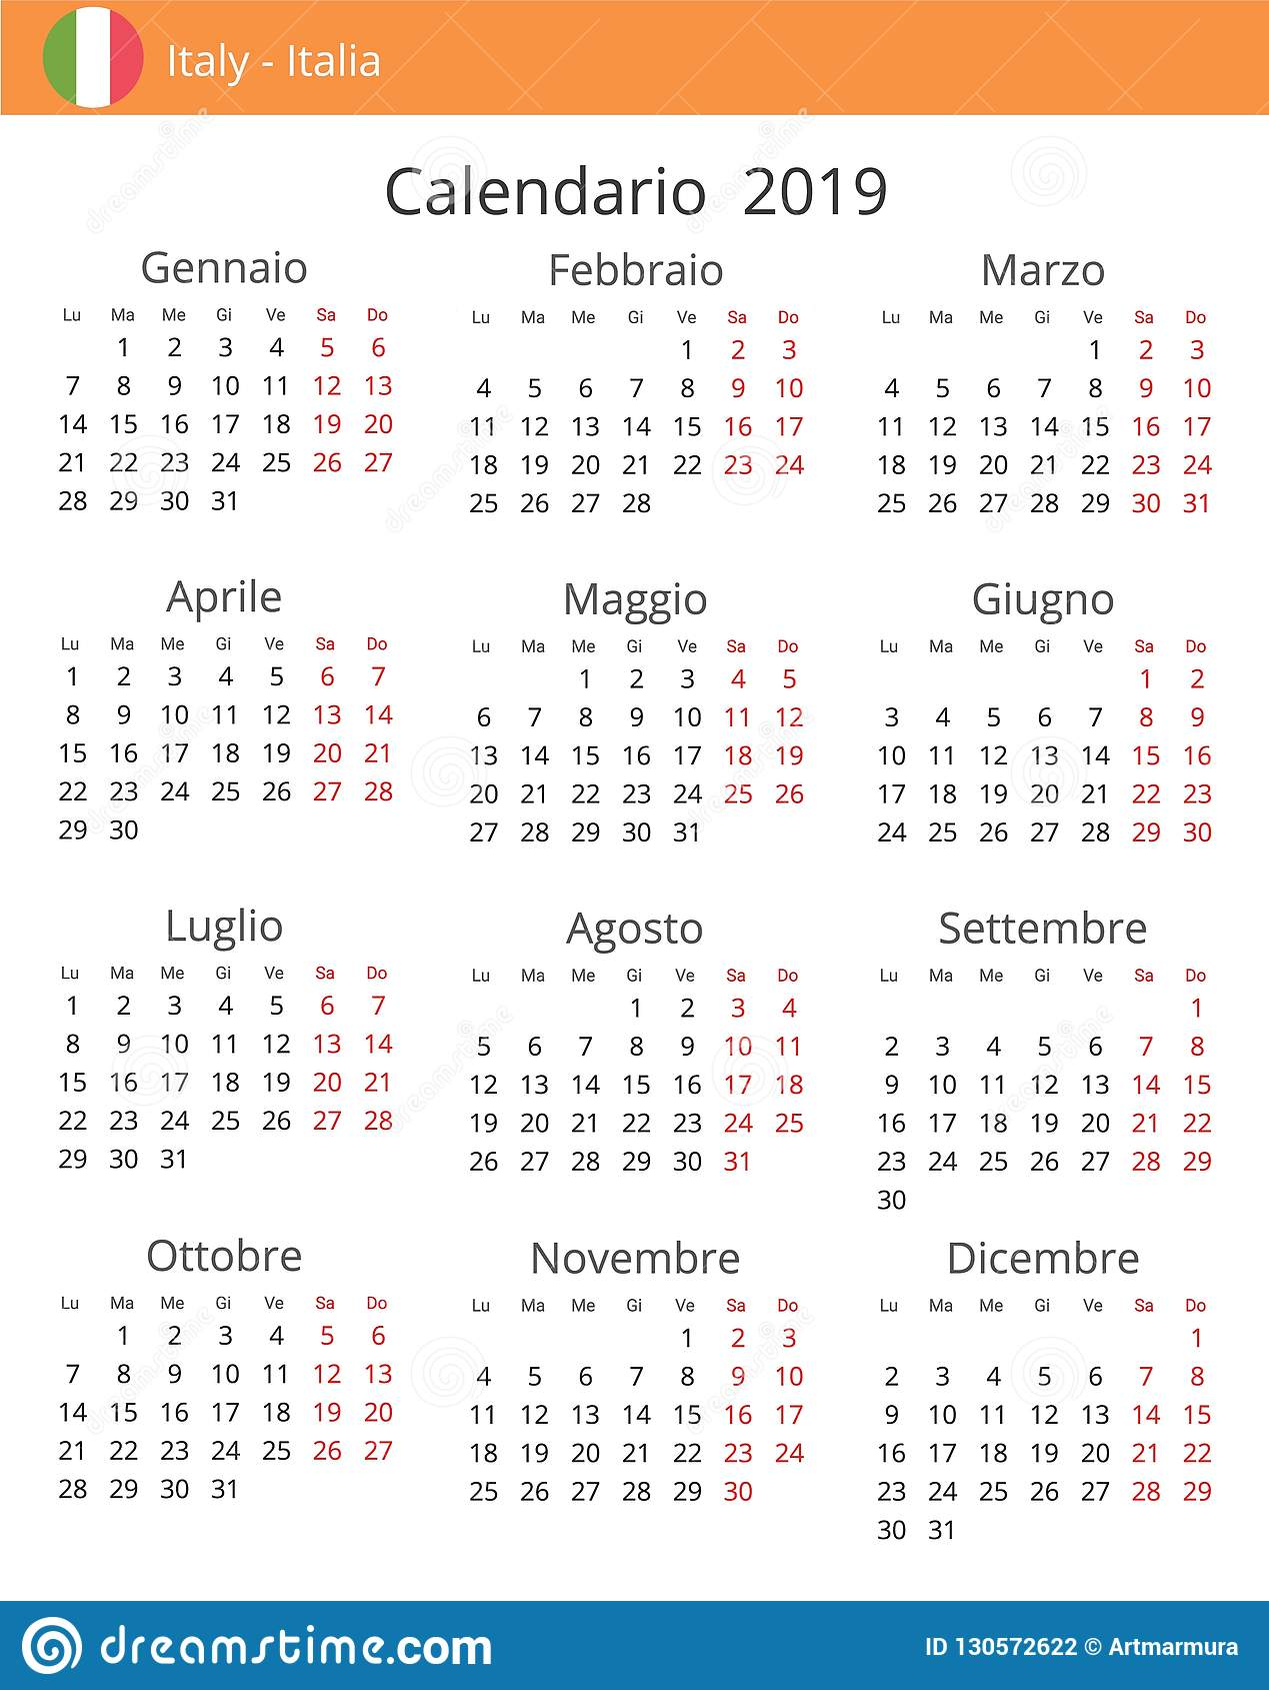 Italia Calendario.Calendario 2019 Anni Per Il Paese Dell Italia Illustrazione